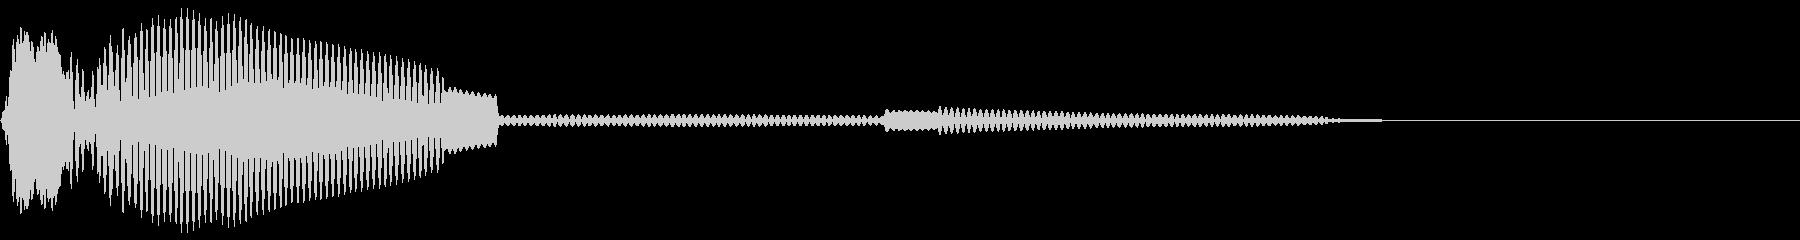 「システム効果音14_1(選択などのイ…の未再生の波形